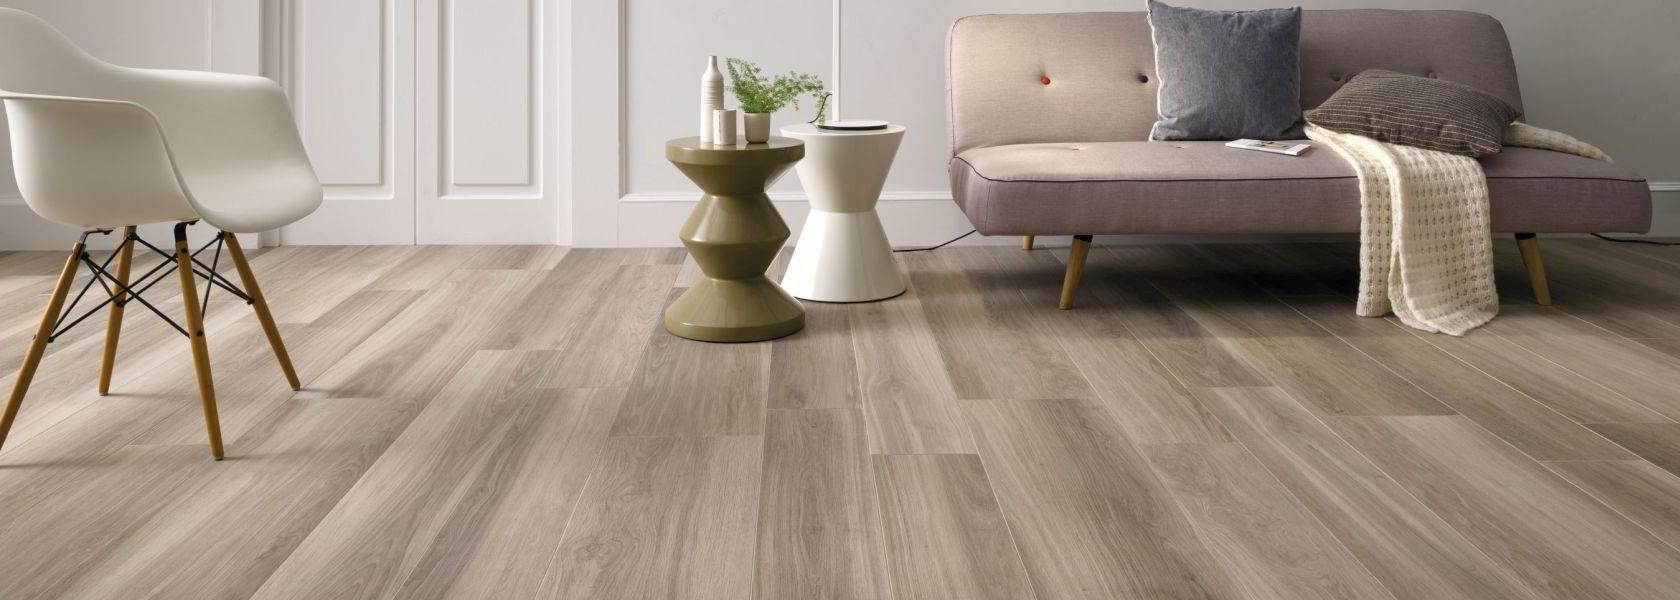 płytki podłogowe imitujące drewno